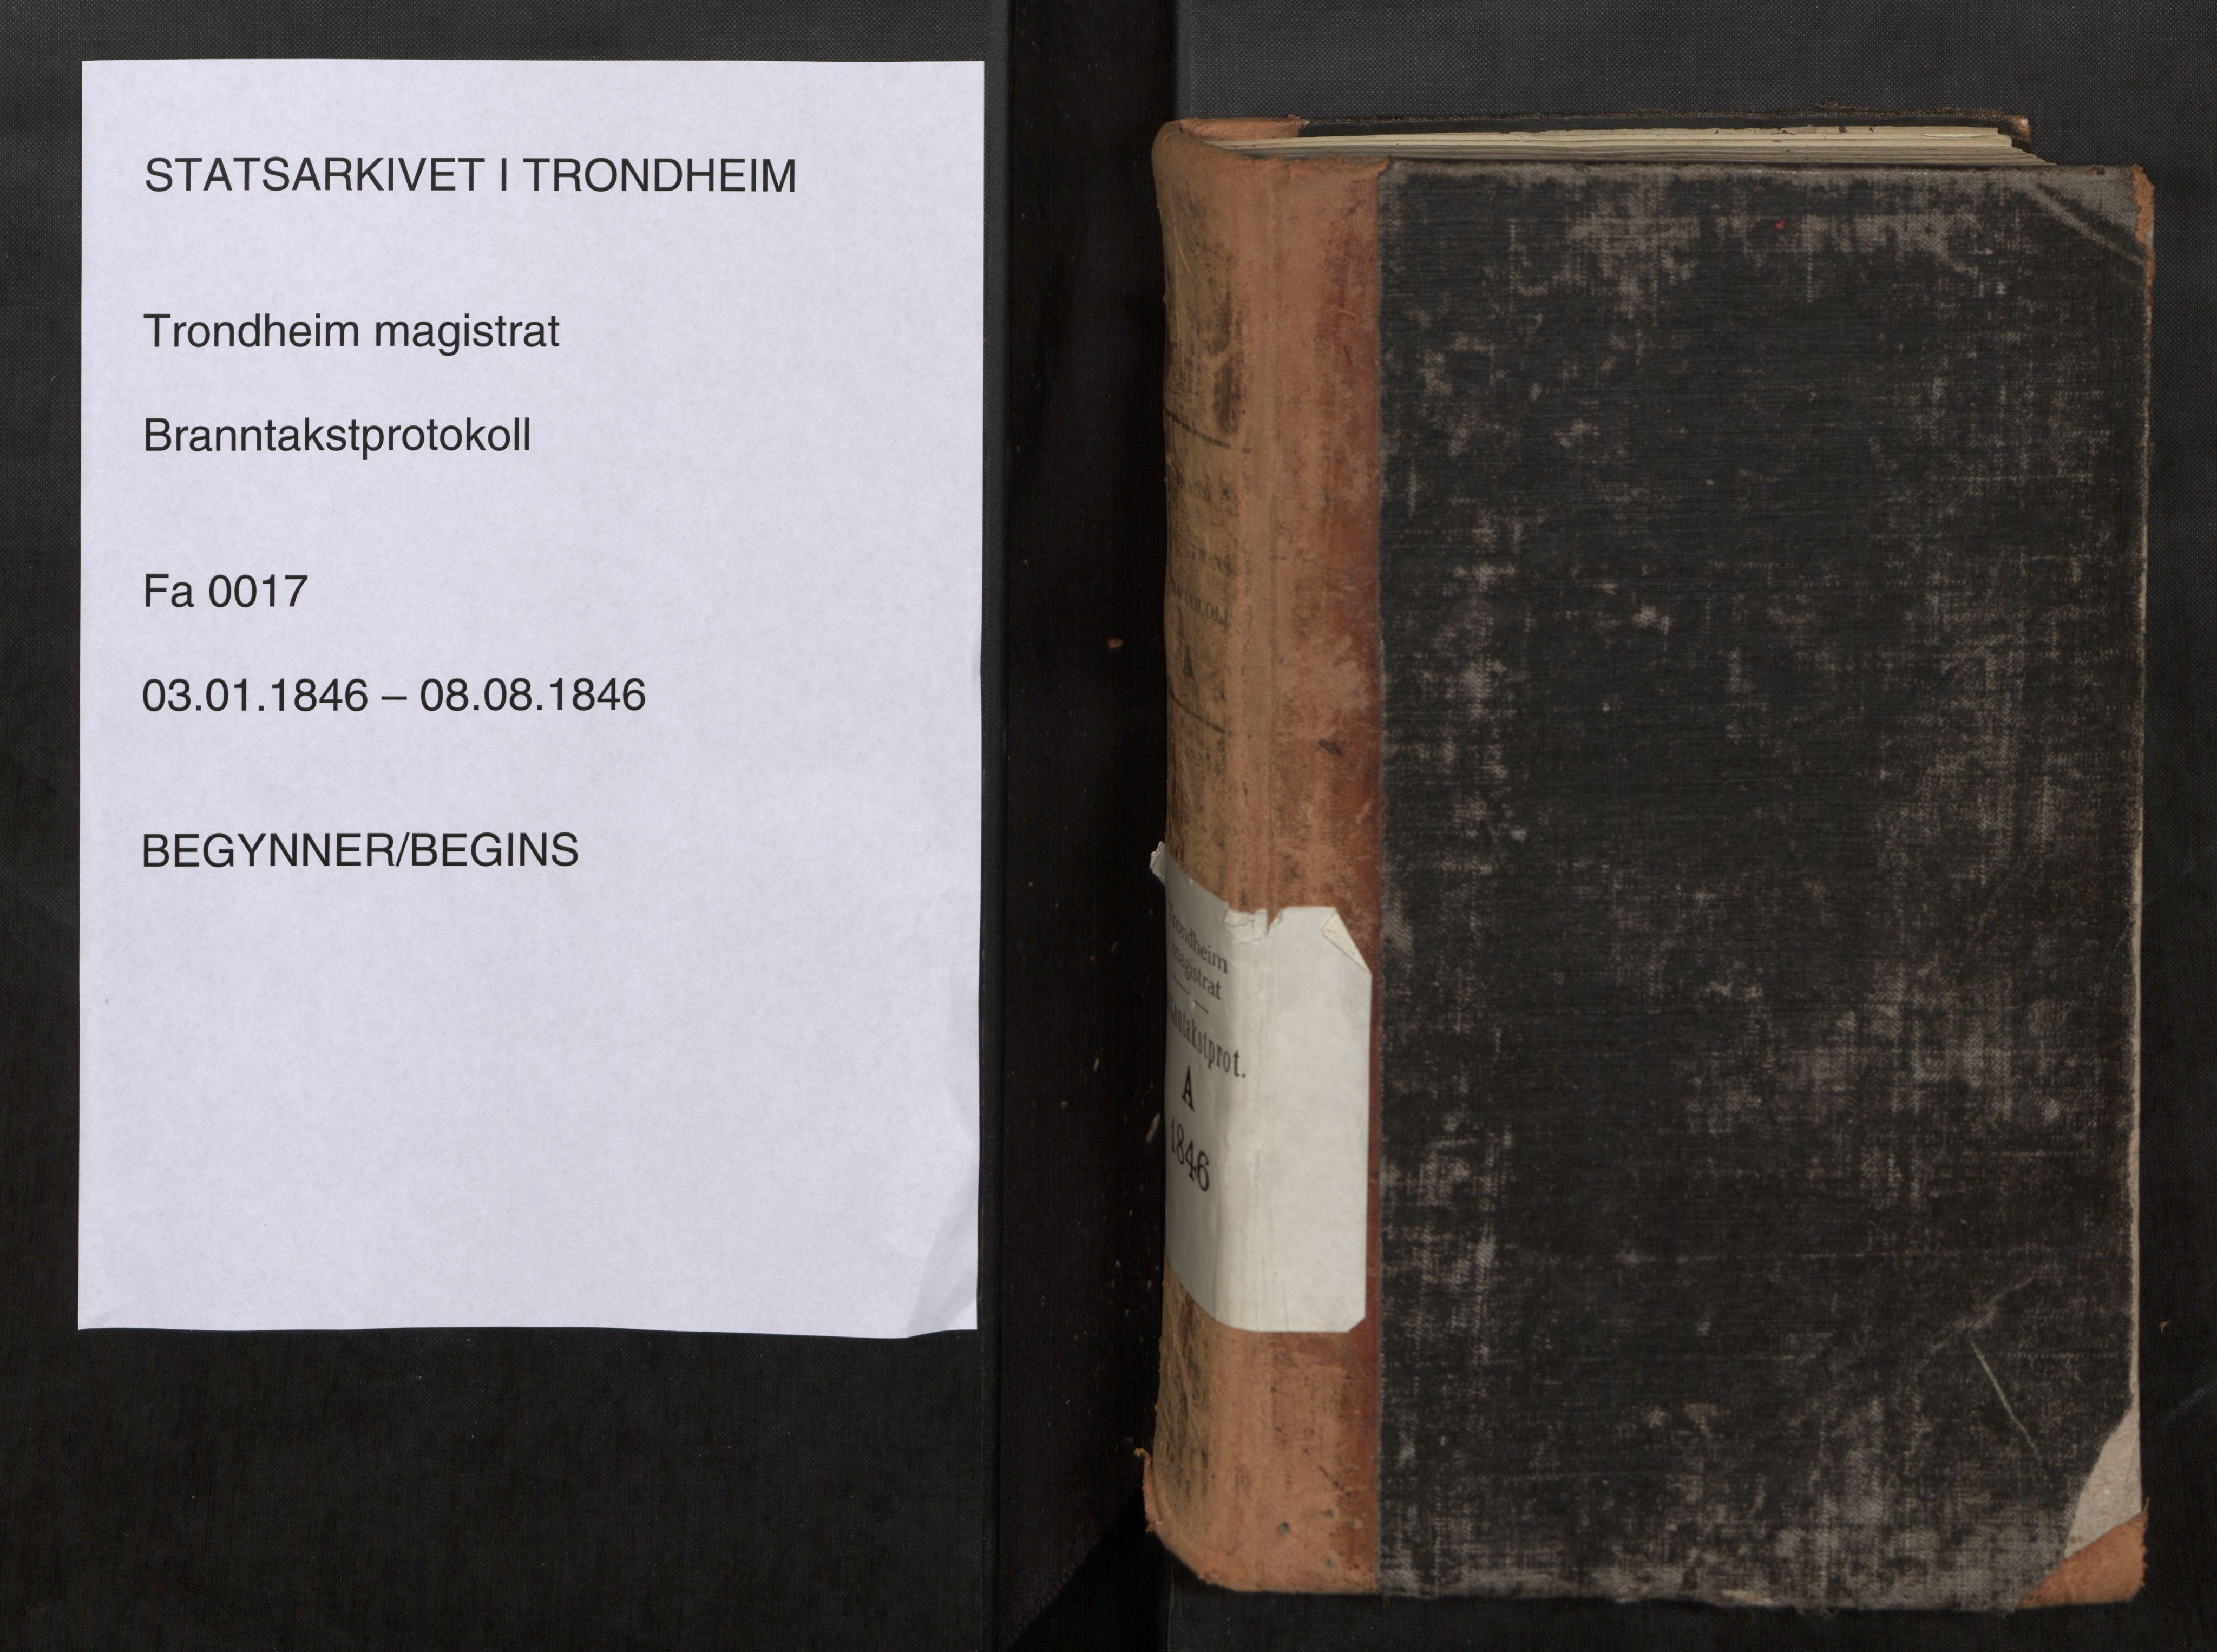 SAT, Norges Brannkasse Trondheim magistrat, Fa/L0020: Branntakstprotokoll A, 1846